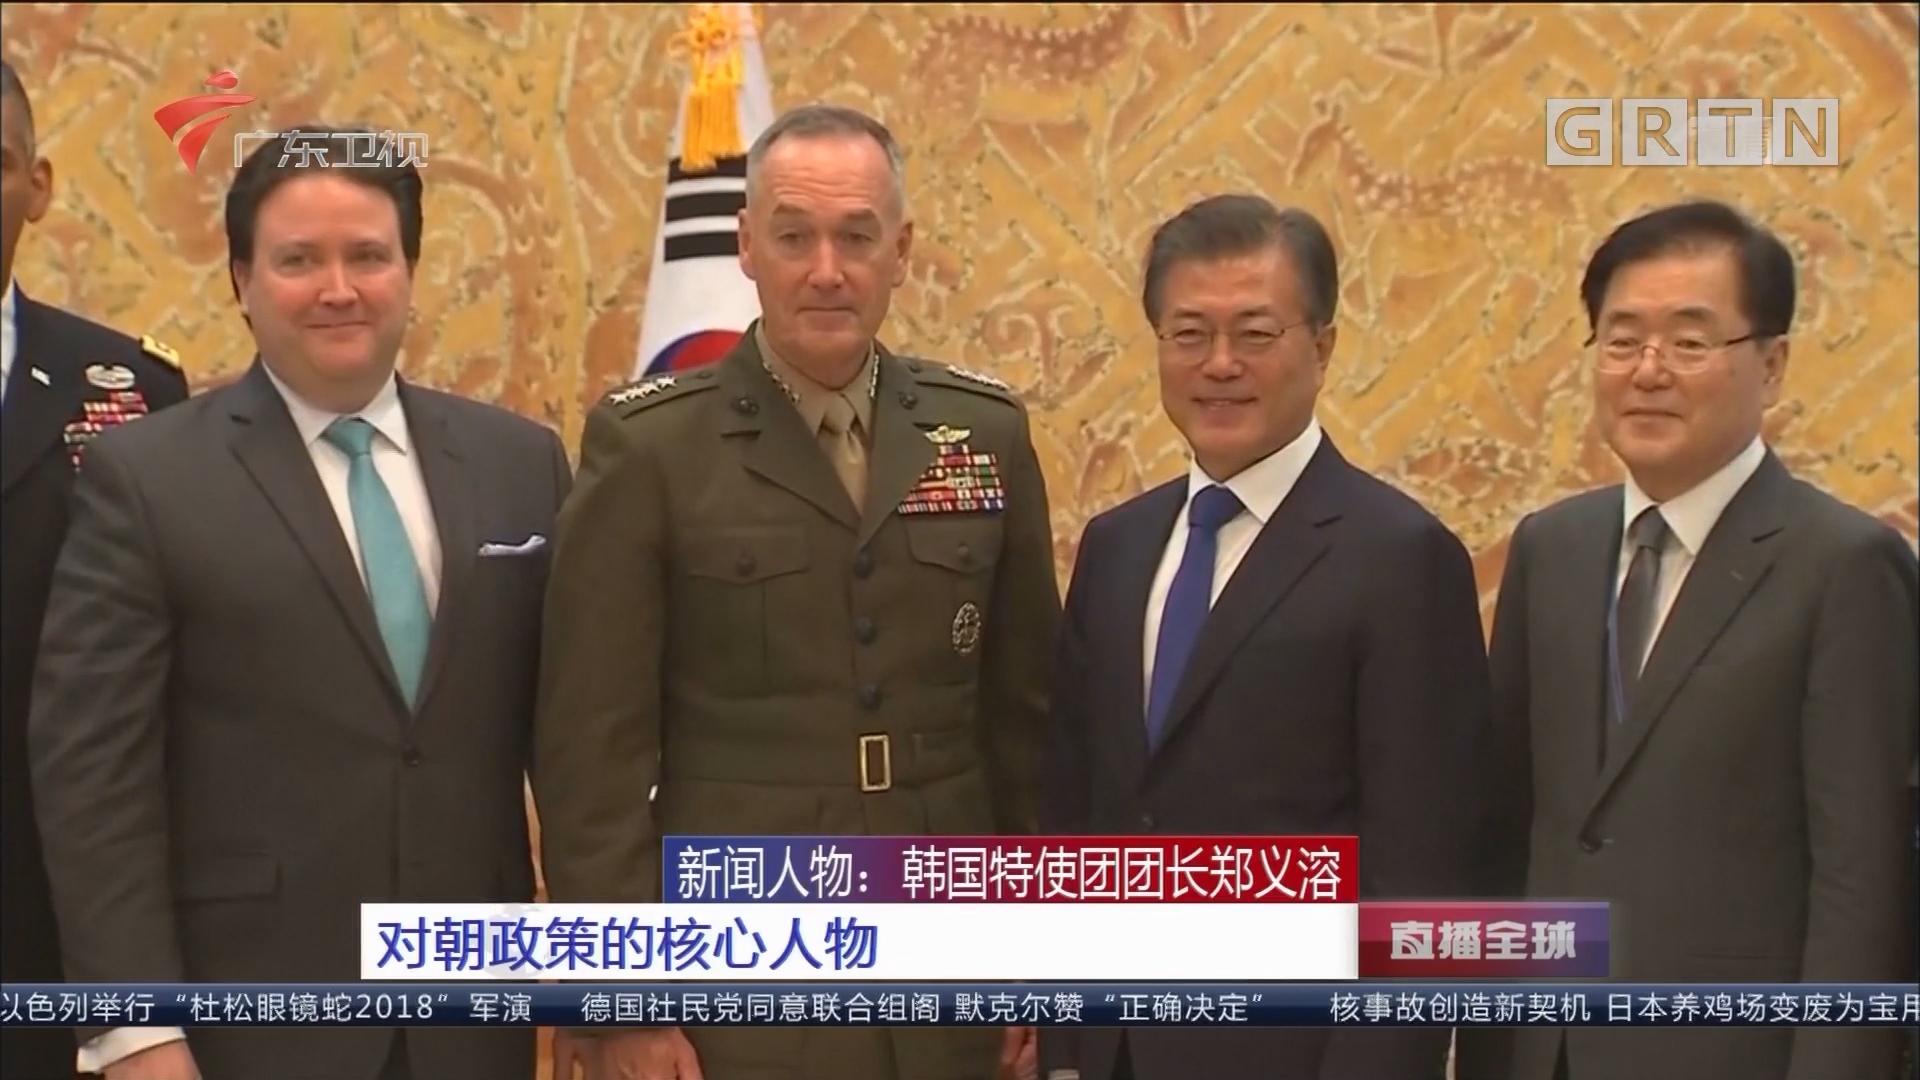 新闻人物:韩国特使团团长郑义溶 对朝政策的核心人物